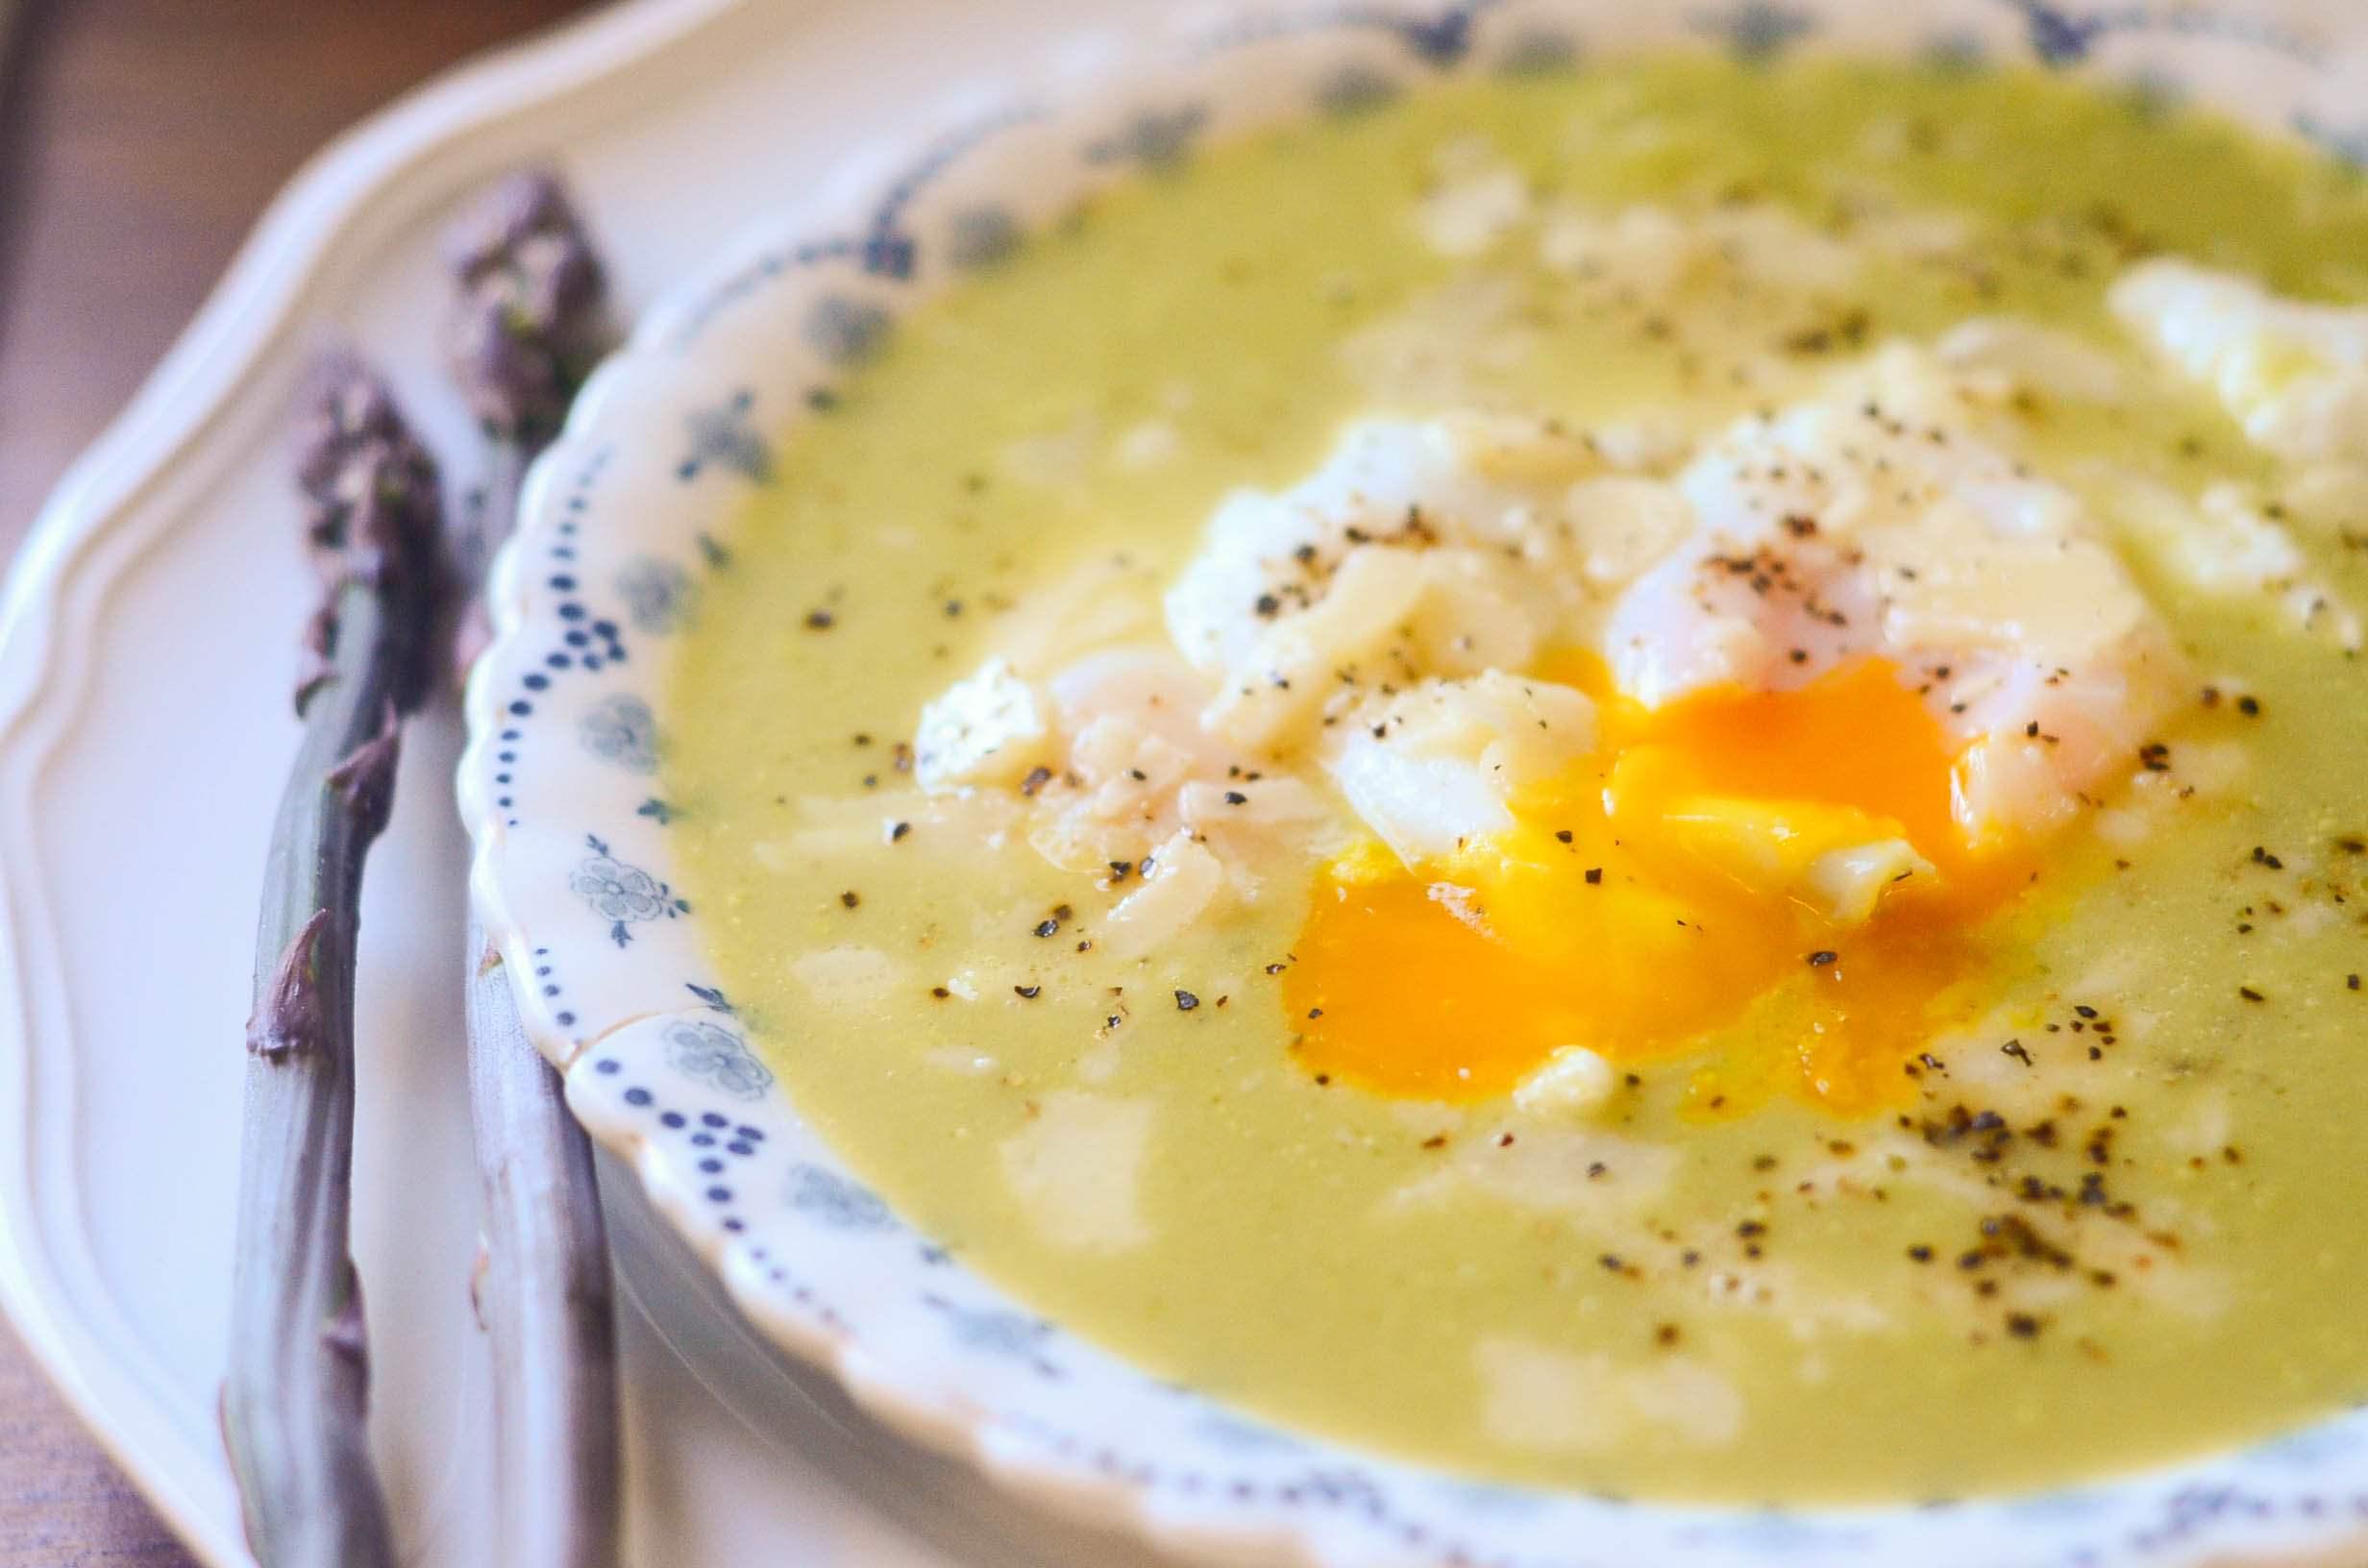 Creamy Asparagus Soup Recipe | The Elliott Homestead (.com)